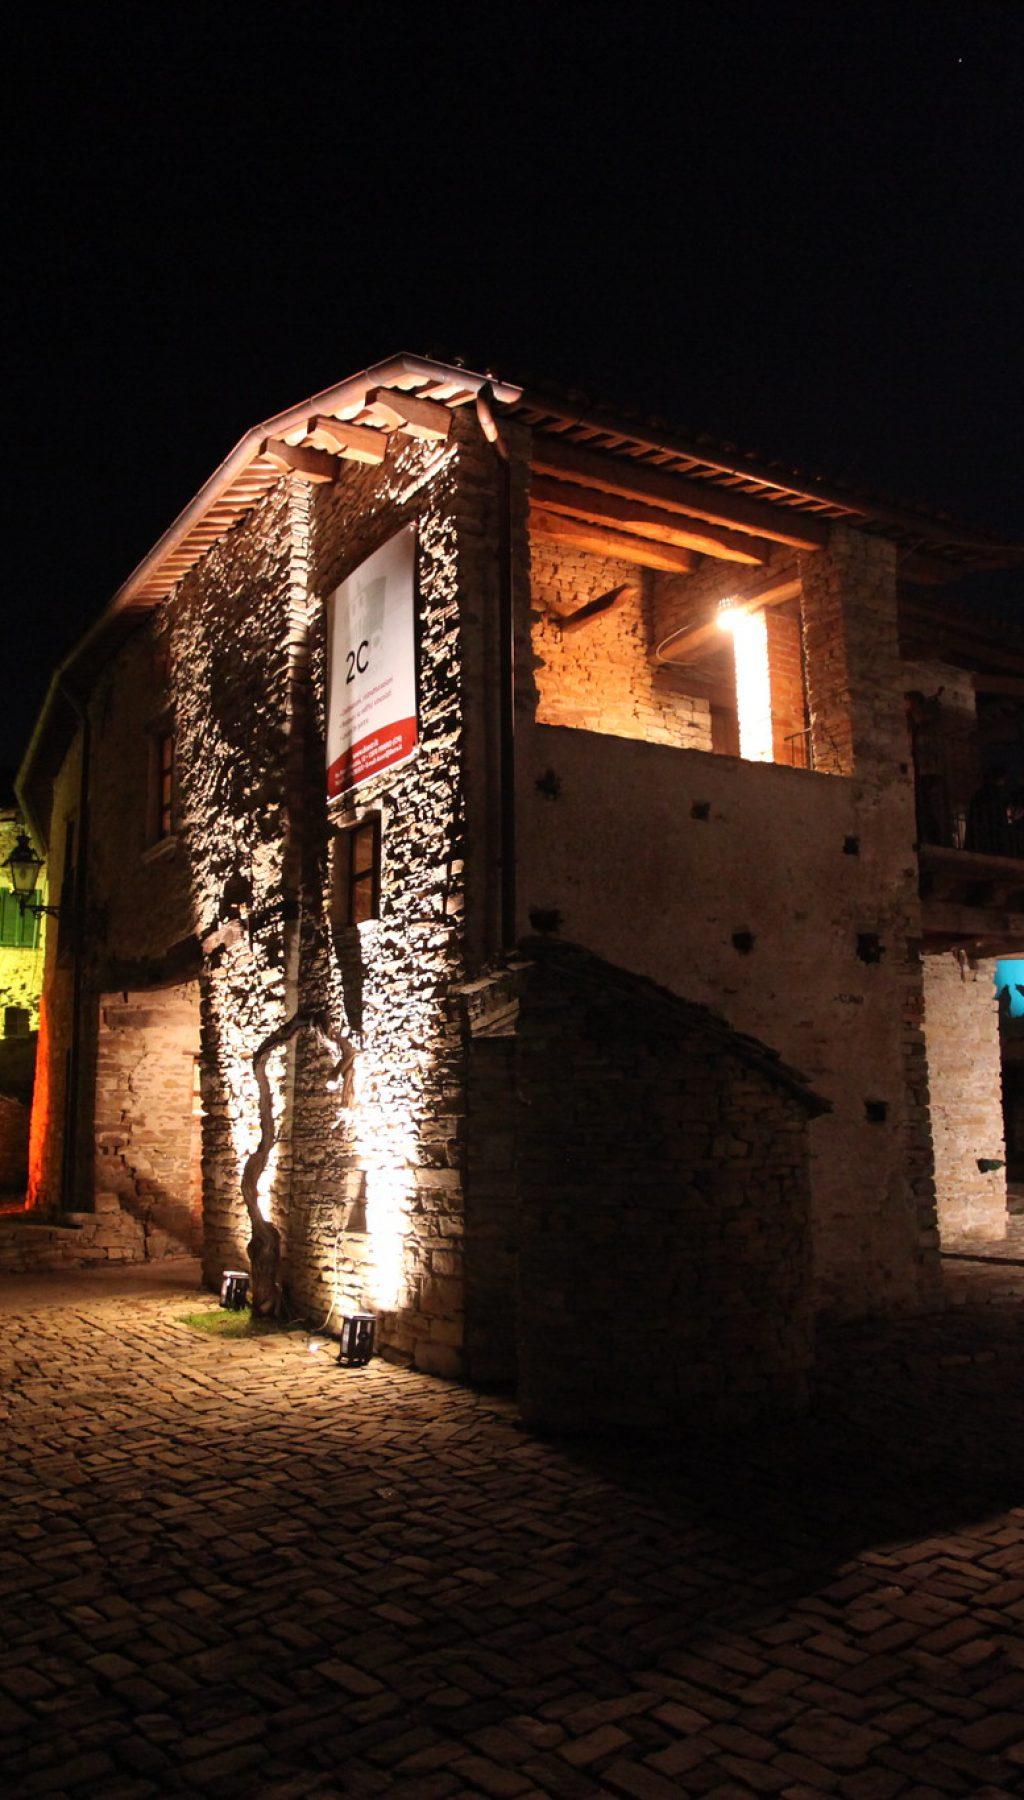 Una veduta notturna del borgo